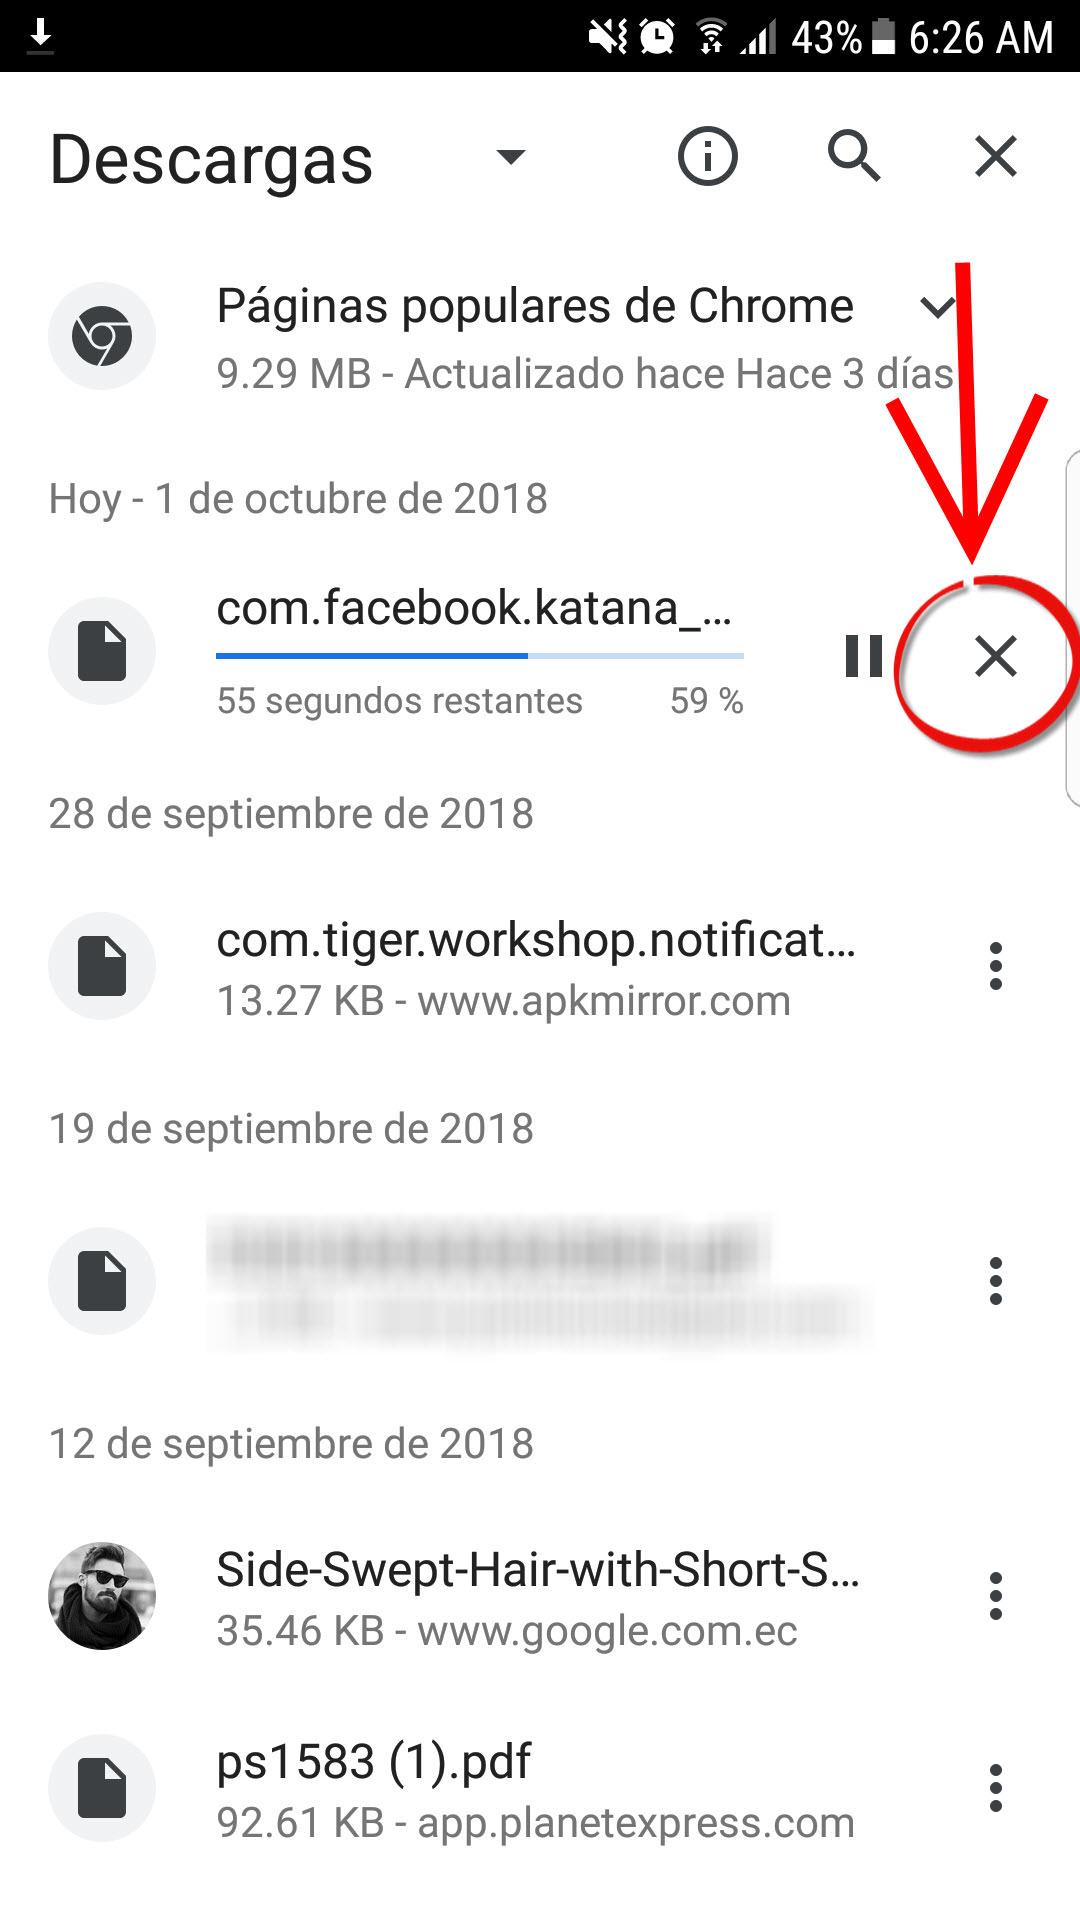 Cómo cancelar una DESCARGA en Android